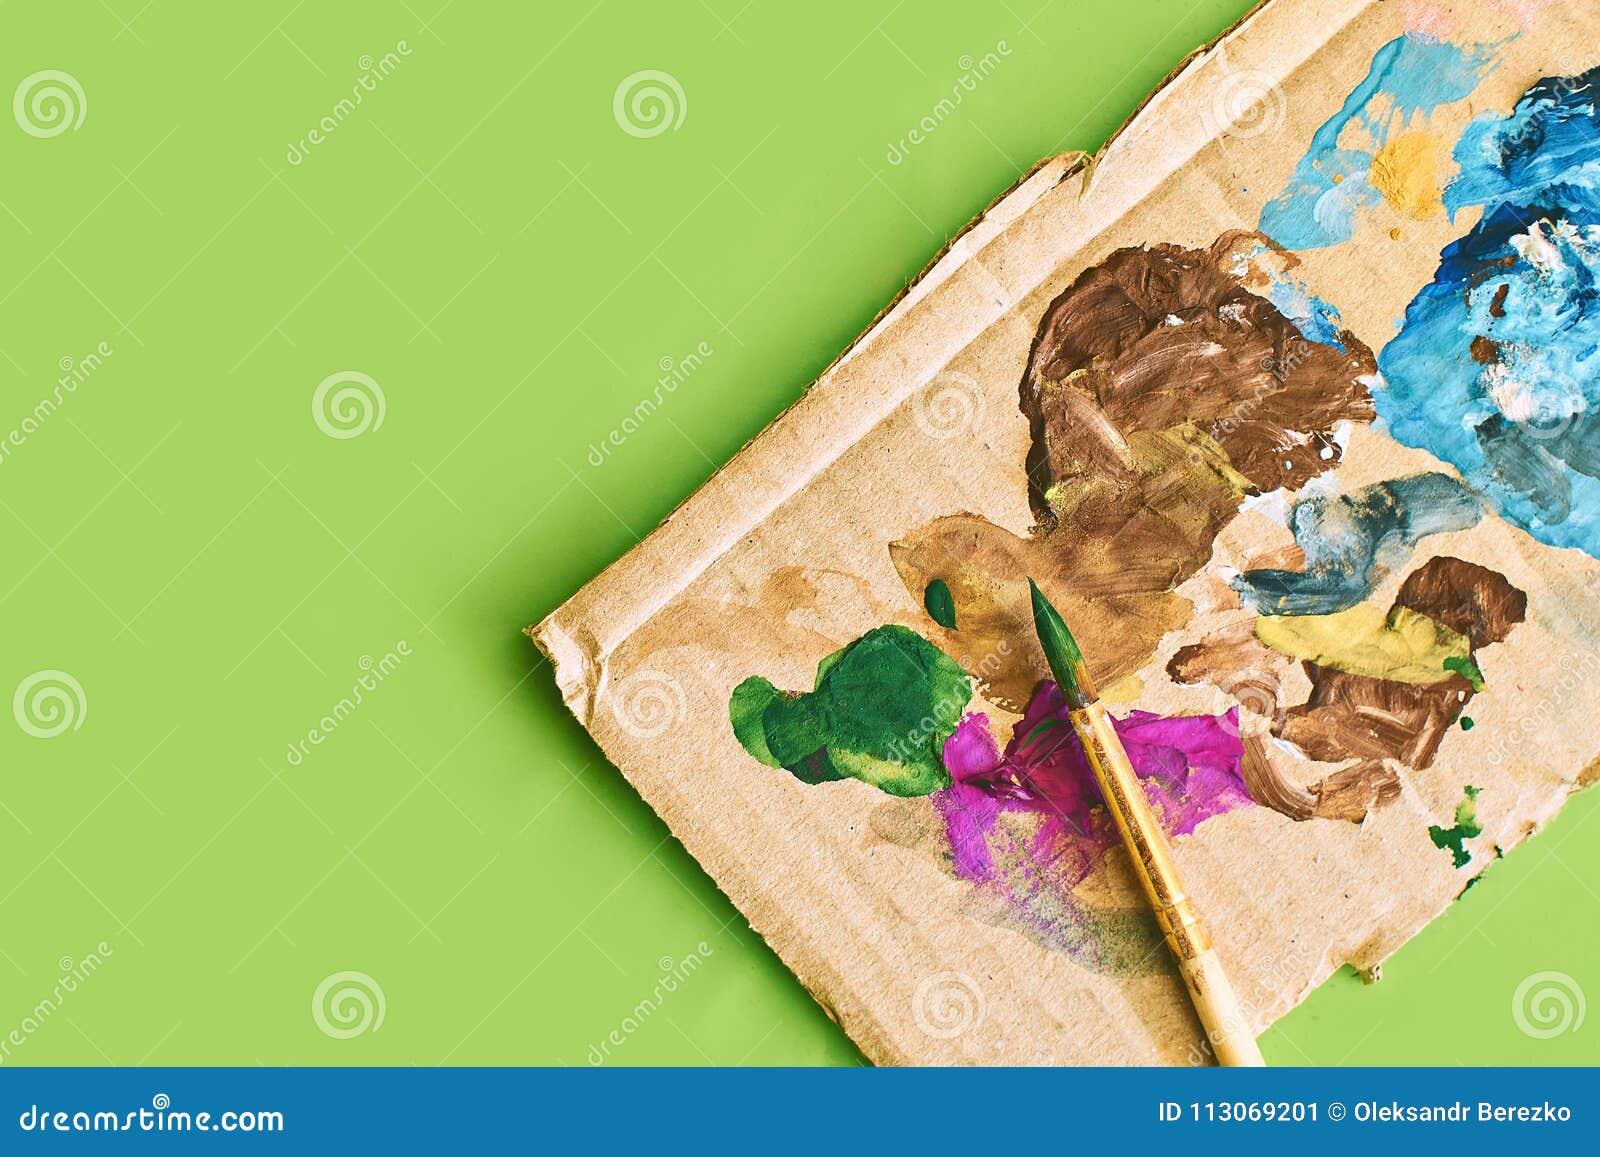 Carte De Carton Avec Des Calomnies De Peinture Utilisées Comme